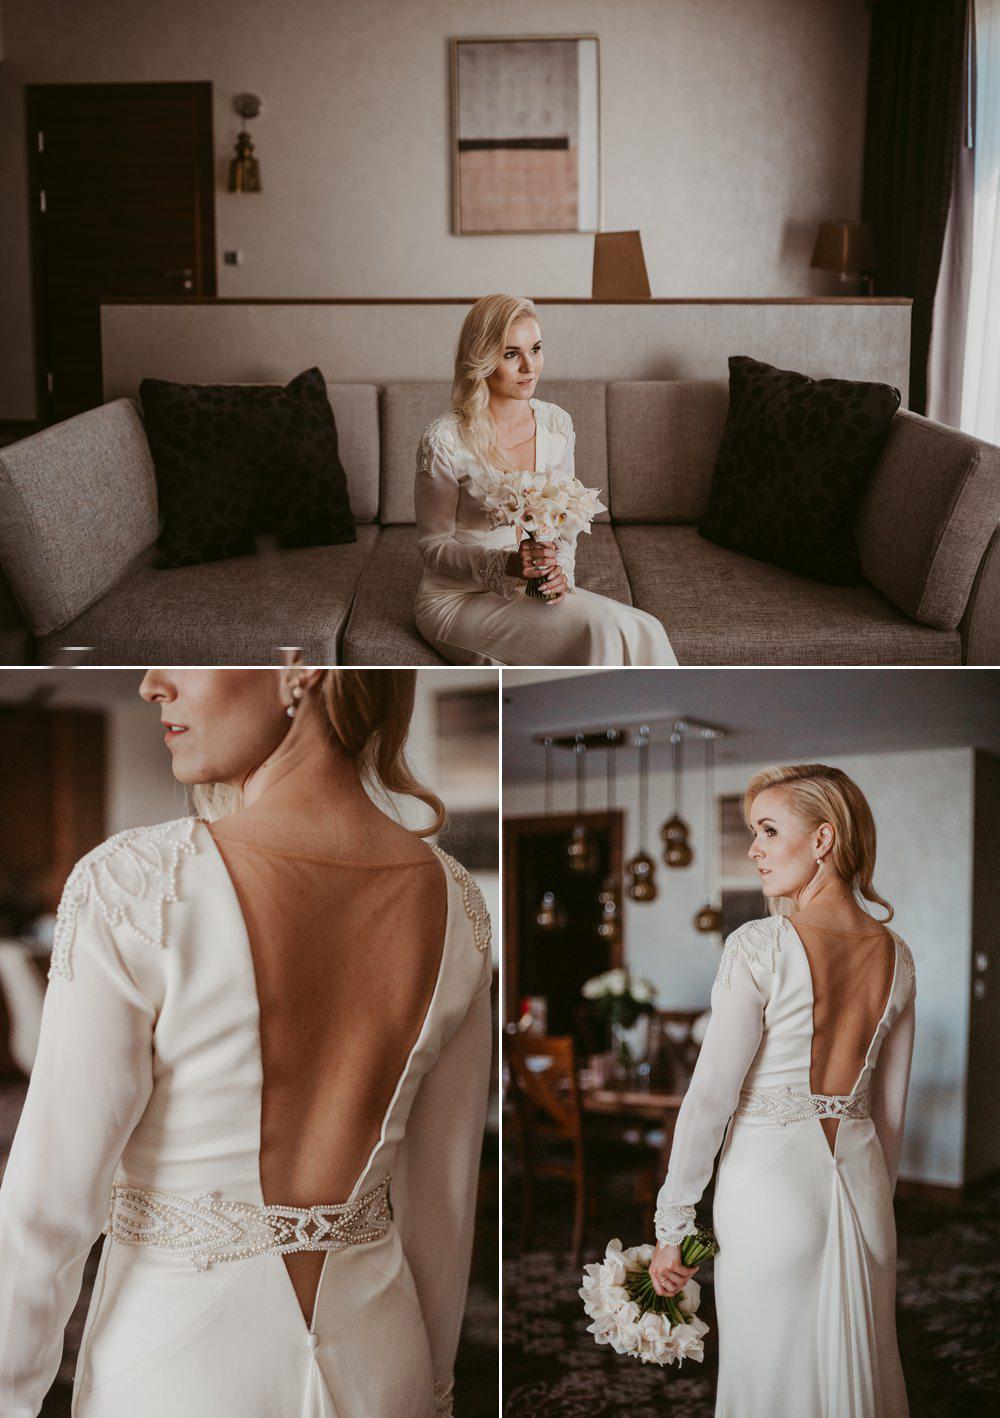 zdjęcia ślubne kraków, fotografia ślubna, ślub w krakowie, reportaż ślubny, fotograf ślubny kraków